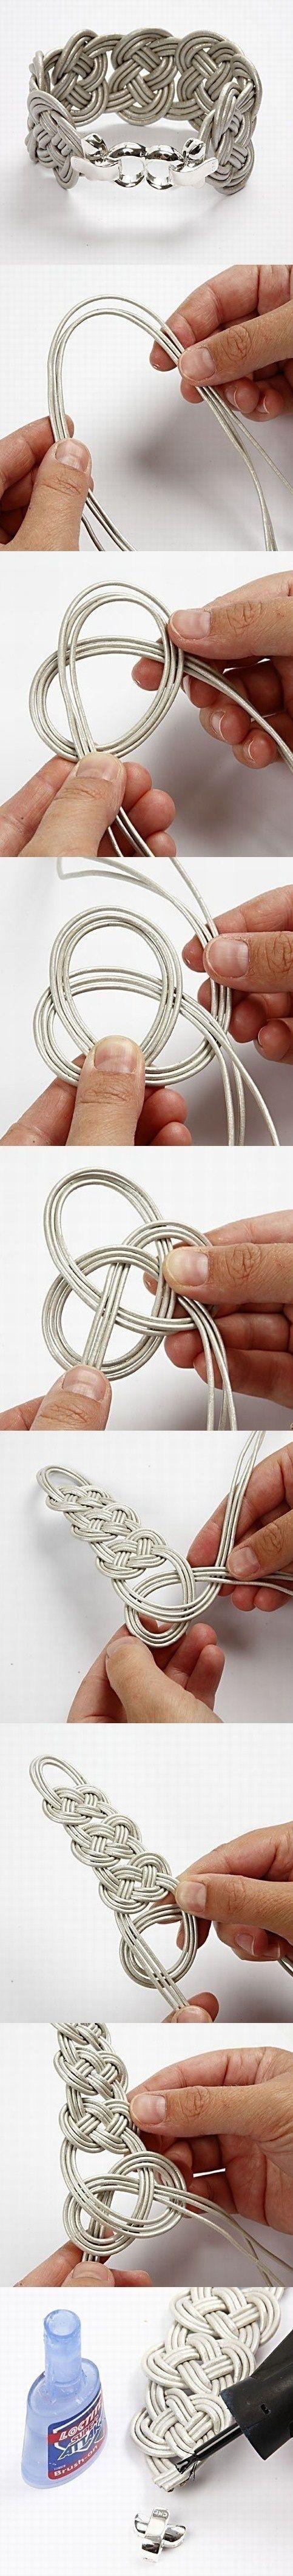 Les bijoux sympas coûtent de plus en plus chers en magasin. Pourtant il est très simple de réaliser ses propres bijoux maison ! Septtutos faciles que vous adorerez ! Bracelet...